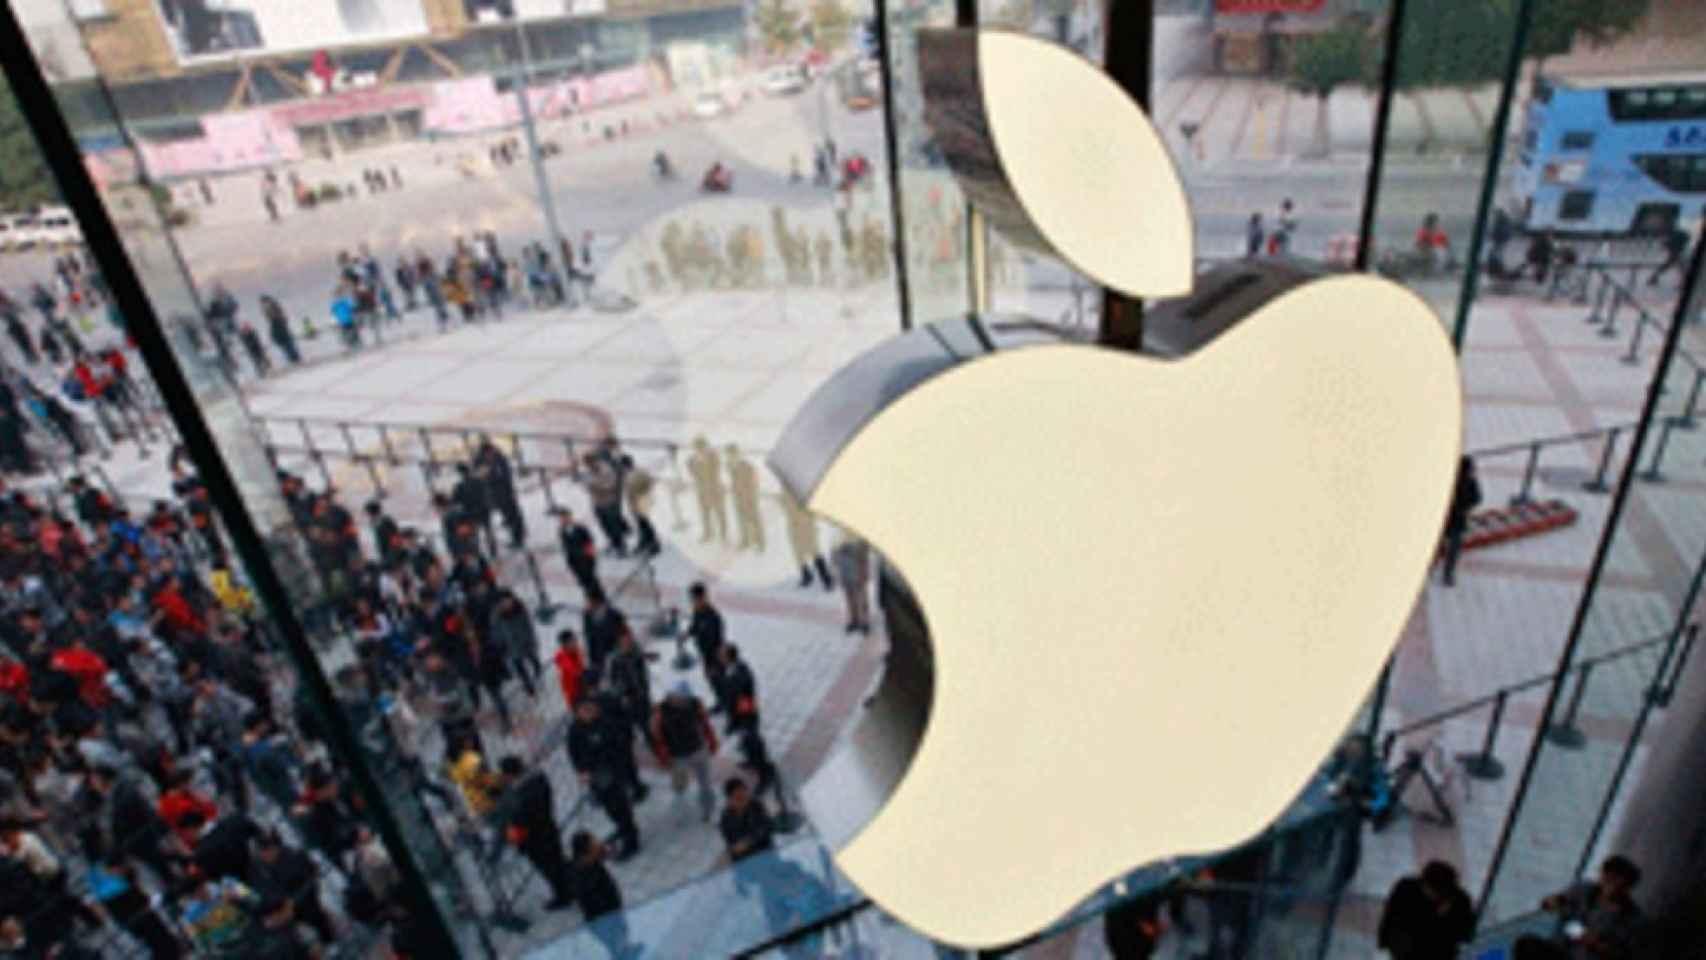 Logo de Apple, una de las empresas que debería aumentar su tributación en España de acuerdo con este proyecto.